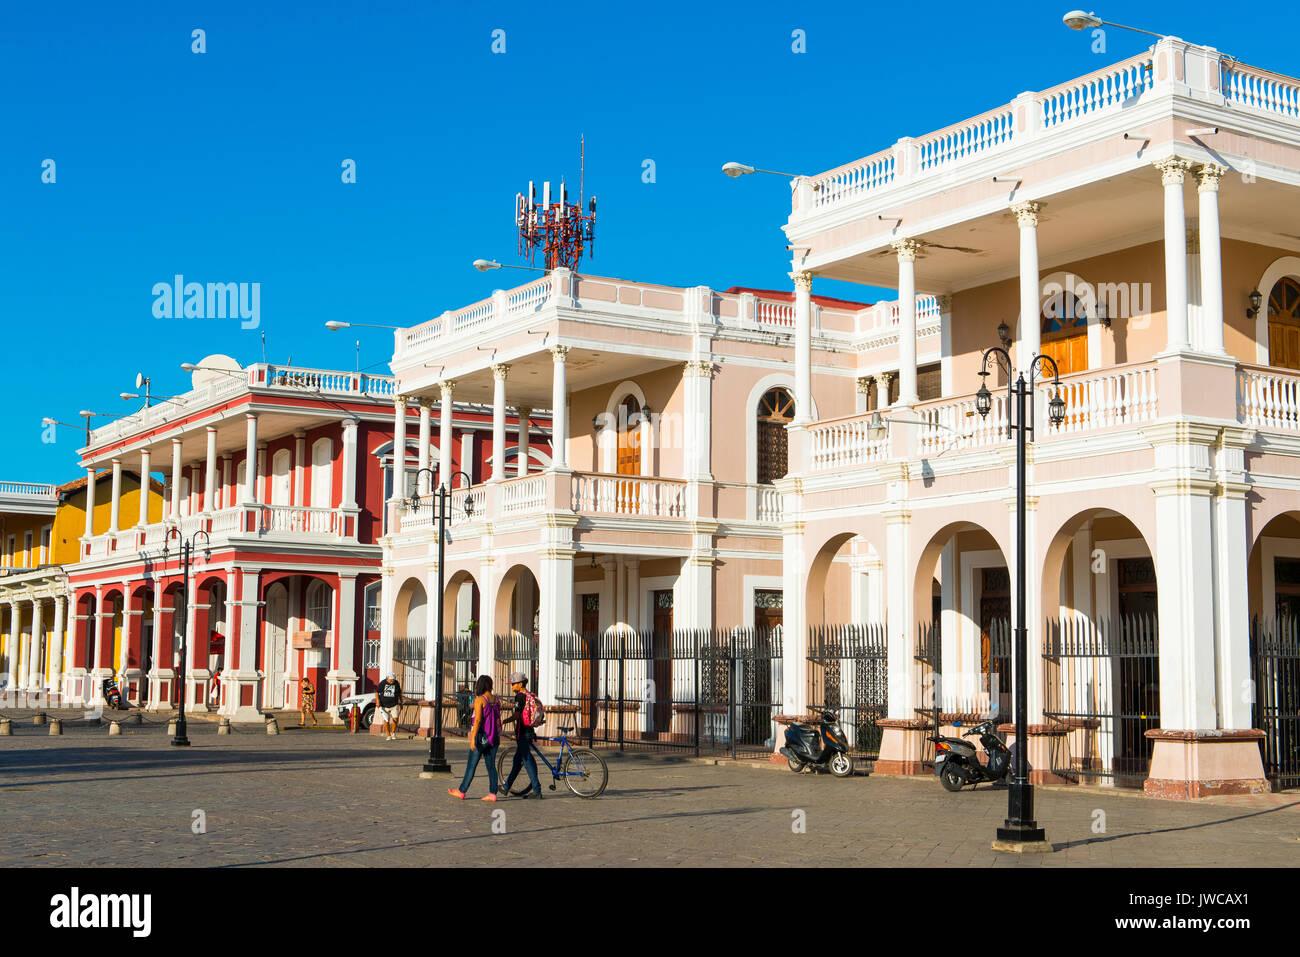 Rangée de maisons, l'architecture coloniale, le centre historique, Granada, Nicaragua Photo Stock